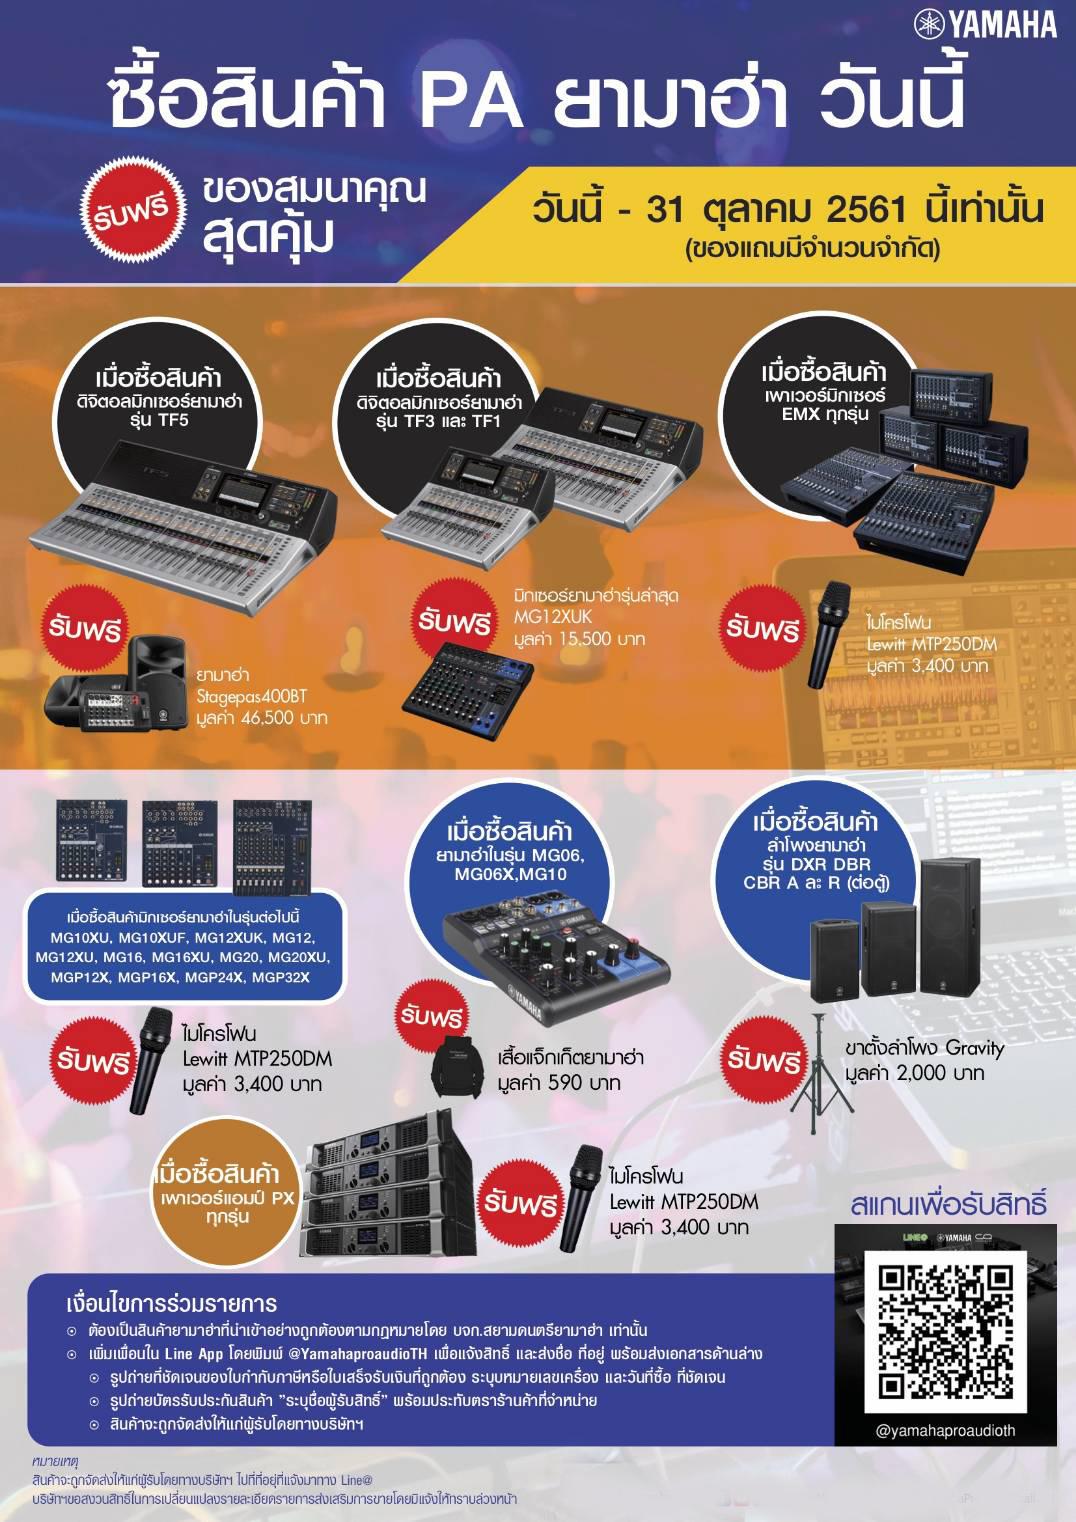 ซื้อสินค้า PA ยามาฮ่า วันนี้ - 31 ต.ค. 2561 รับฟรี!! ของสมนาคุณสุดคุ้ม (ด่วน ของแถมมีจำนวนจำกัด) ซื้อจาก sounddd.shop ของแท้ มีประกัน จัดส่งฟรีทั่วประเทศ!!